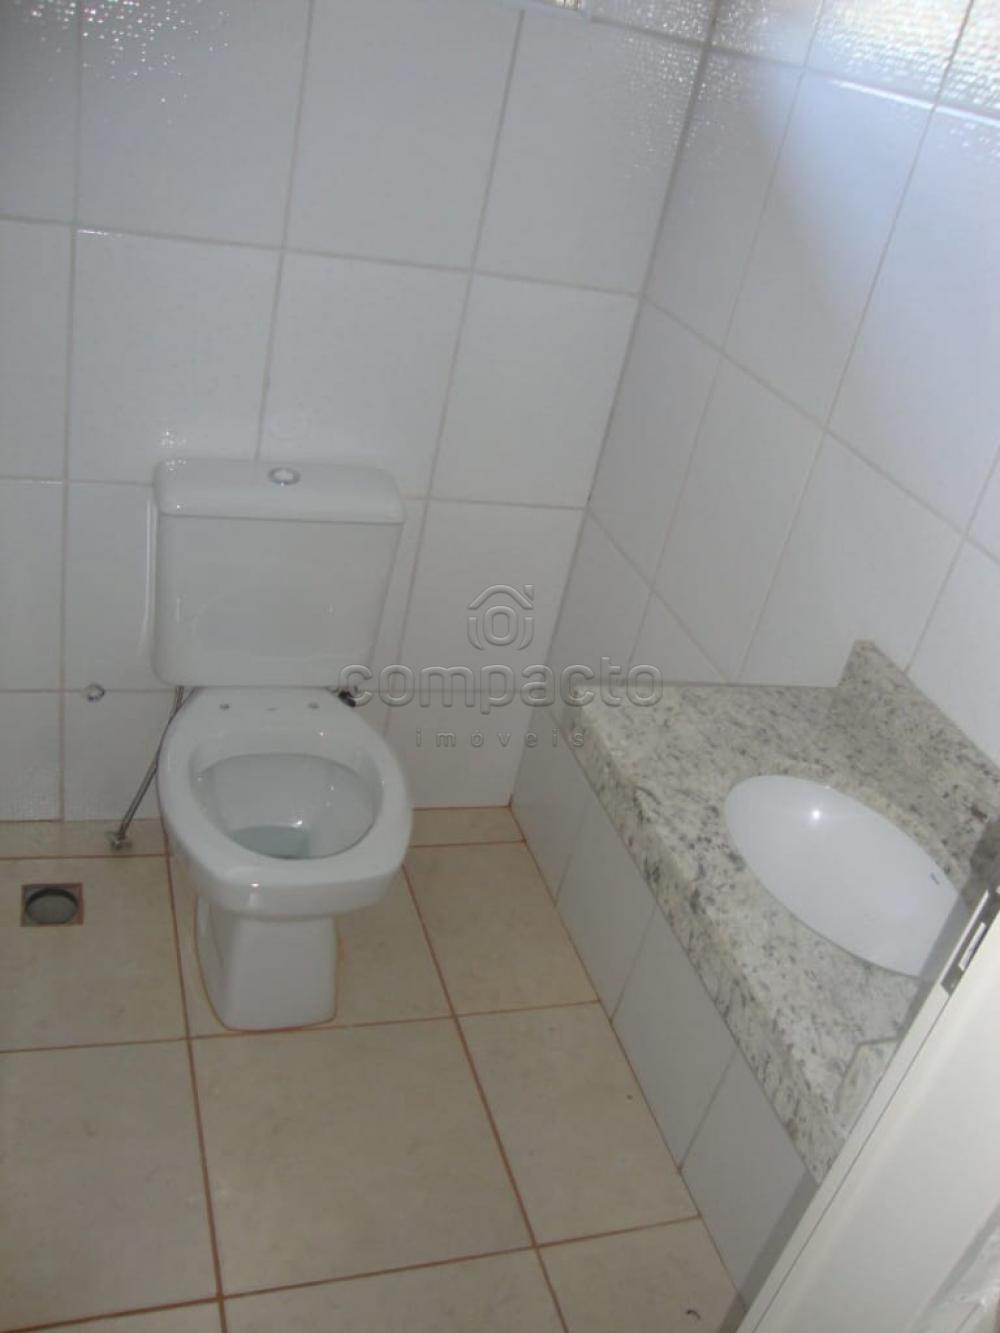 Alugar Comercial / Salão em São José do Rio Preto apenas R$ 15.000,00 - Foto 12